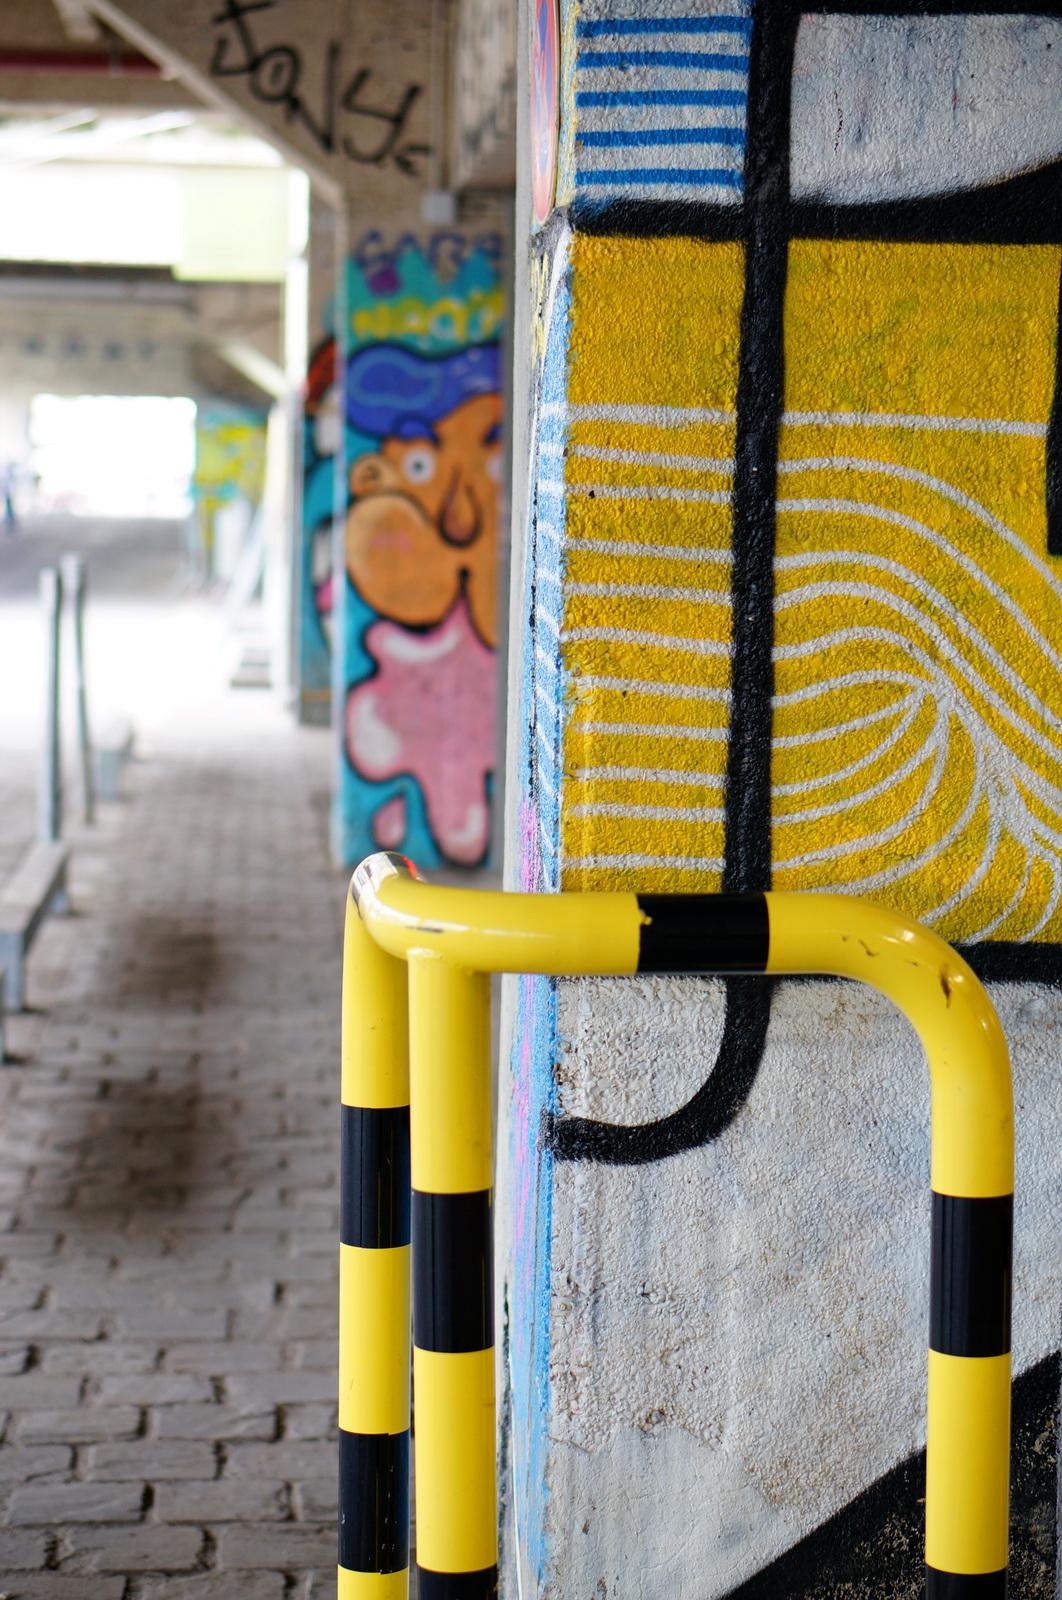 wanderlust, cité de la mode et du design, street art, street art paris, paris 13